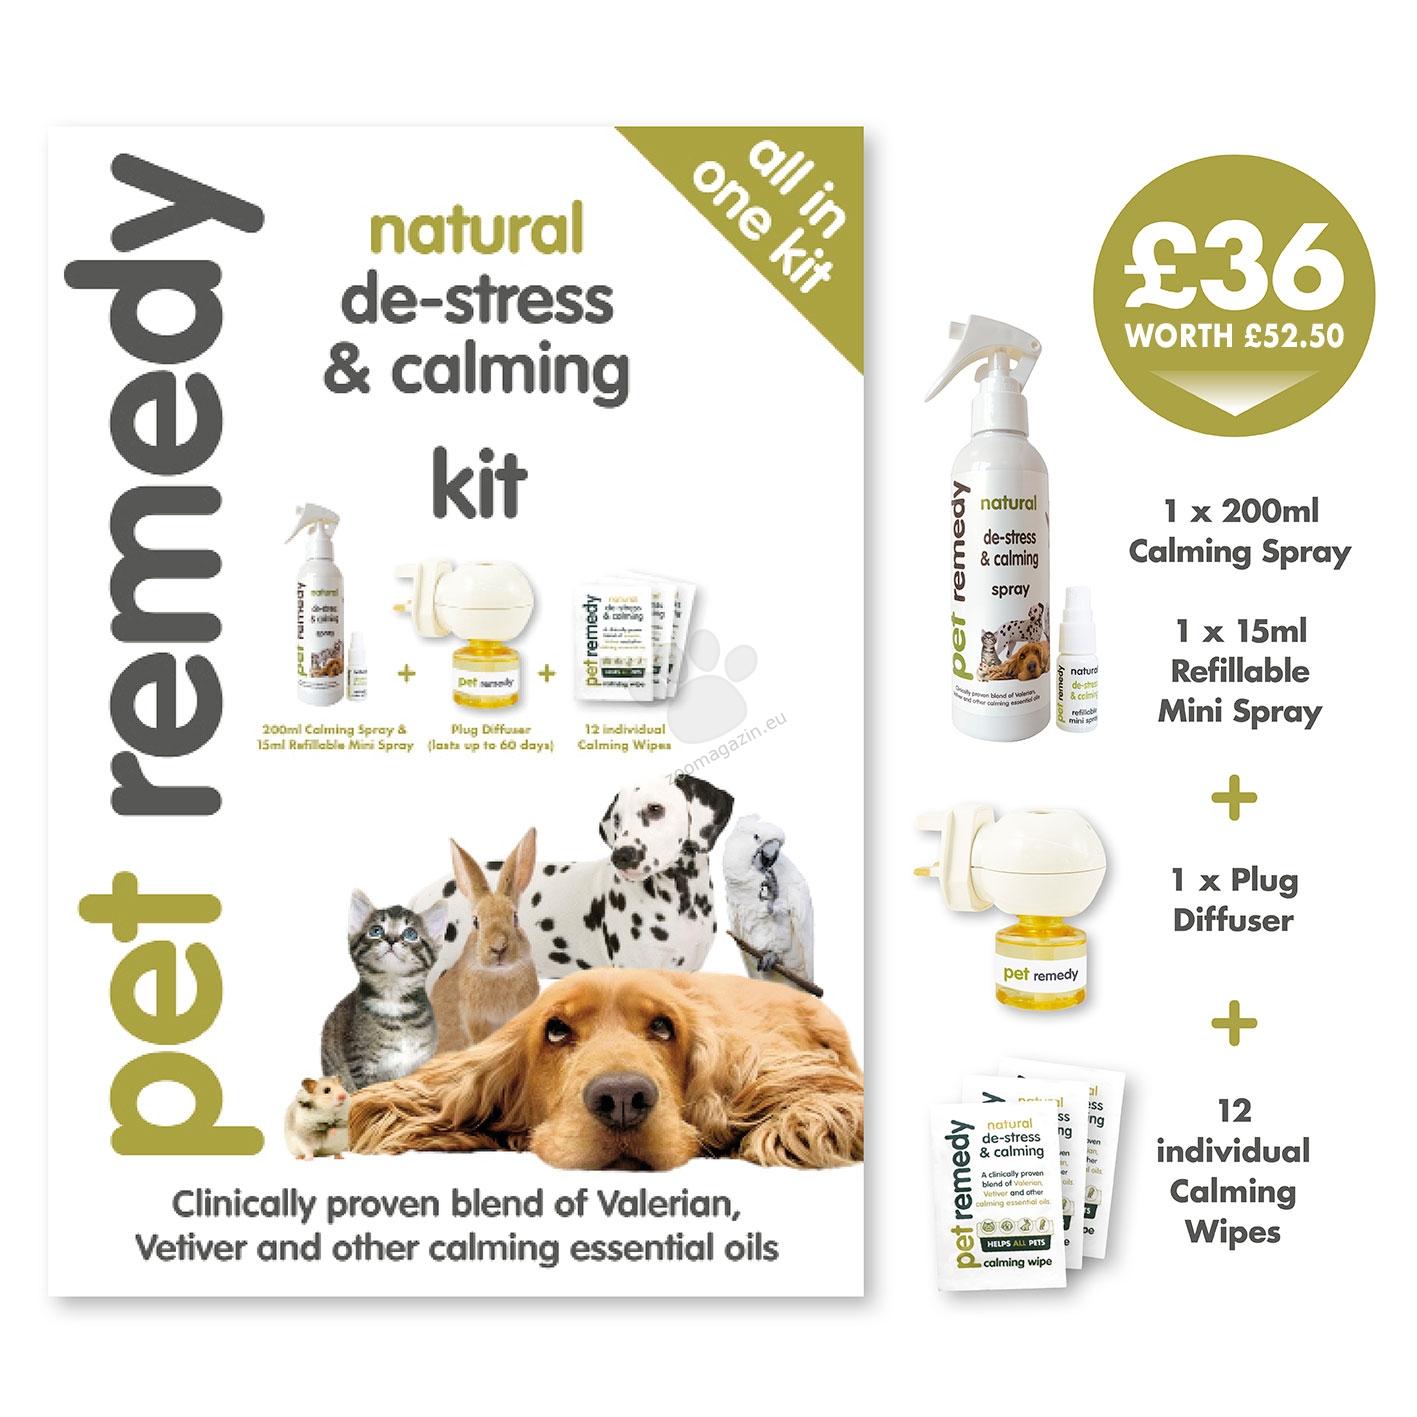 Pet Remedy All in One Kit - комплект 4 в 1 / 200 мл. успокояващ спрей, 15 мл. мини успокояващ спрей, дифузер с пълнител, 12 успокояващи кърпички /